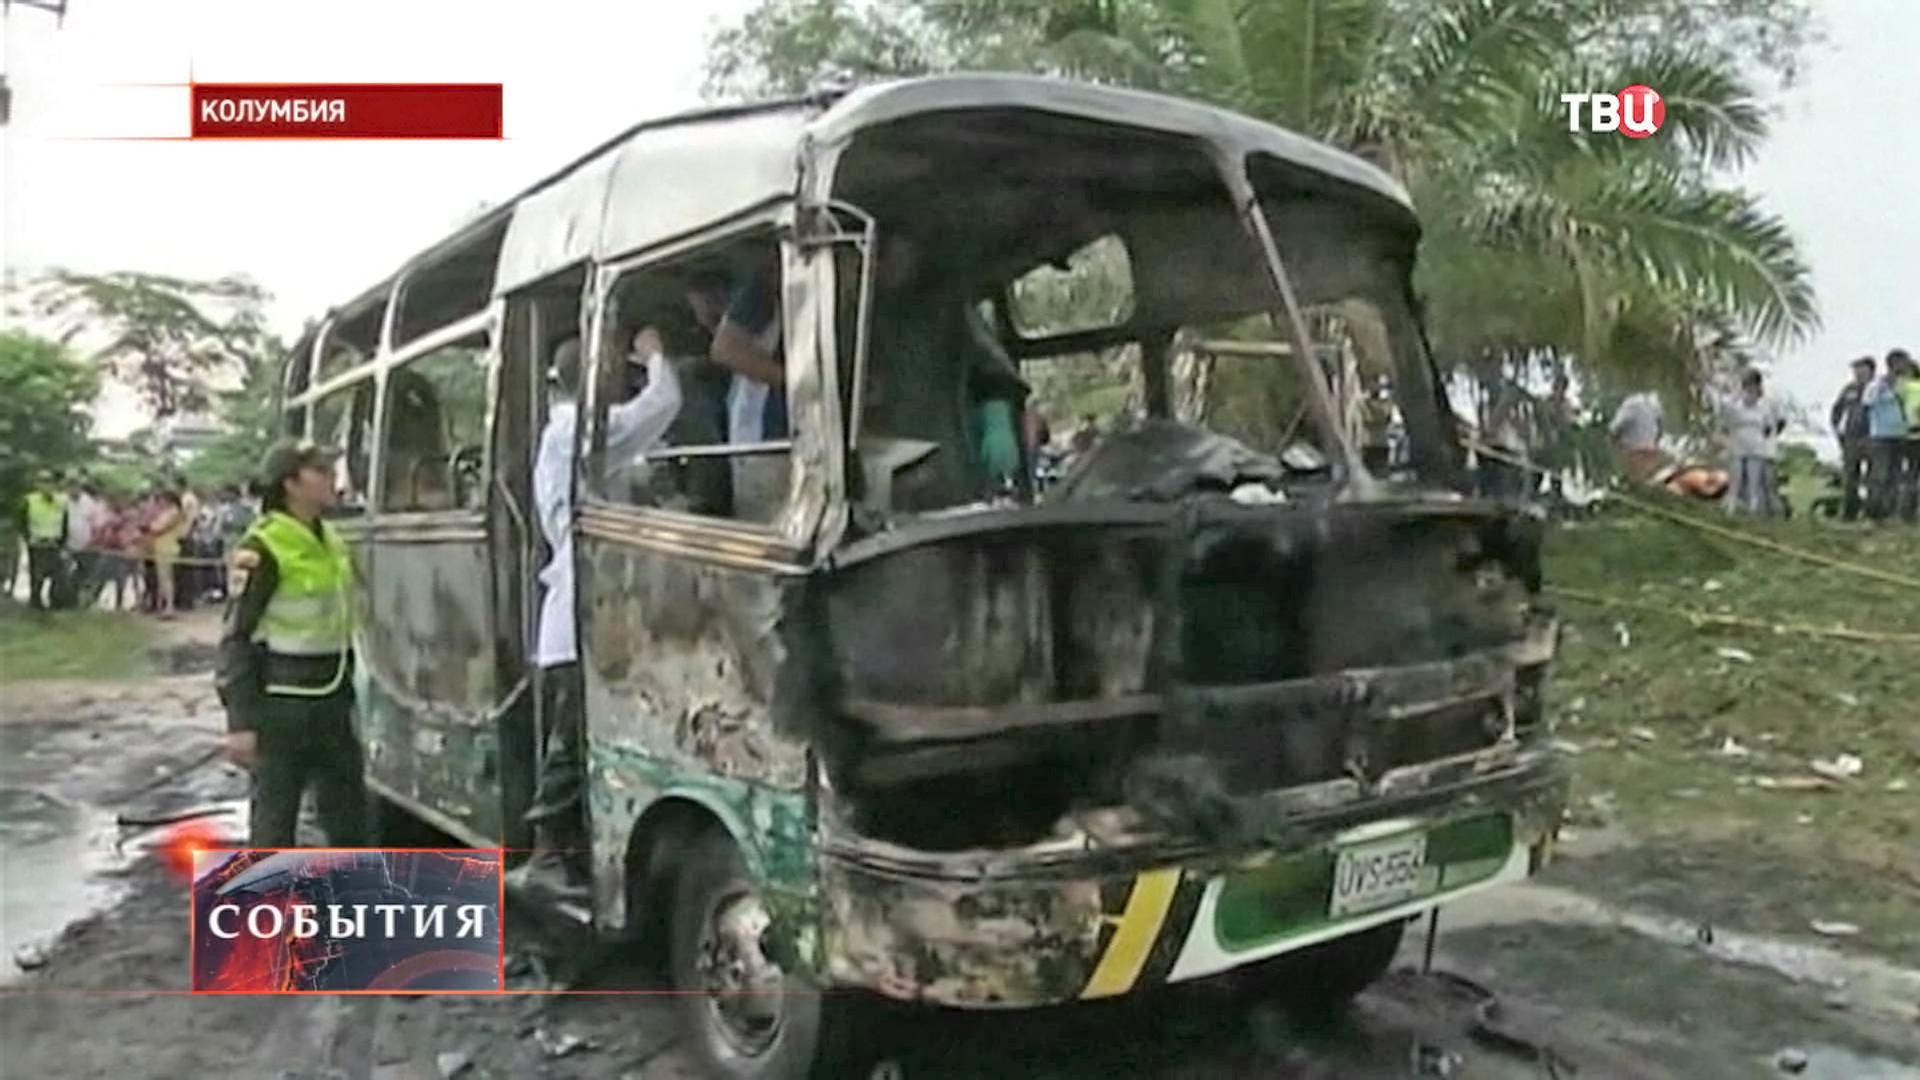 Сгоревший автобус в Колумбии